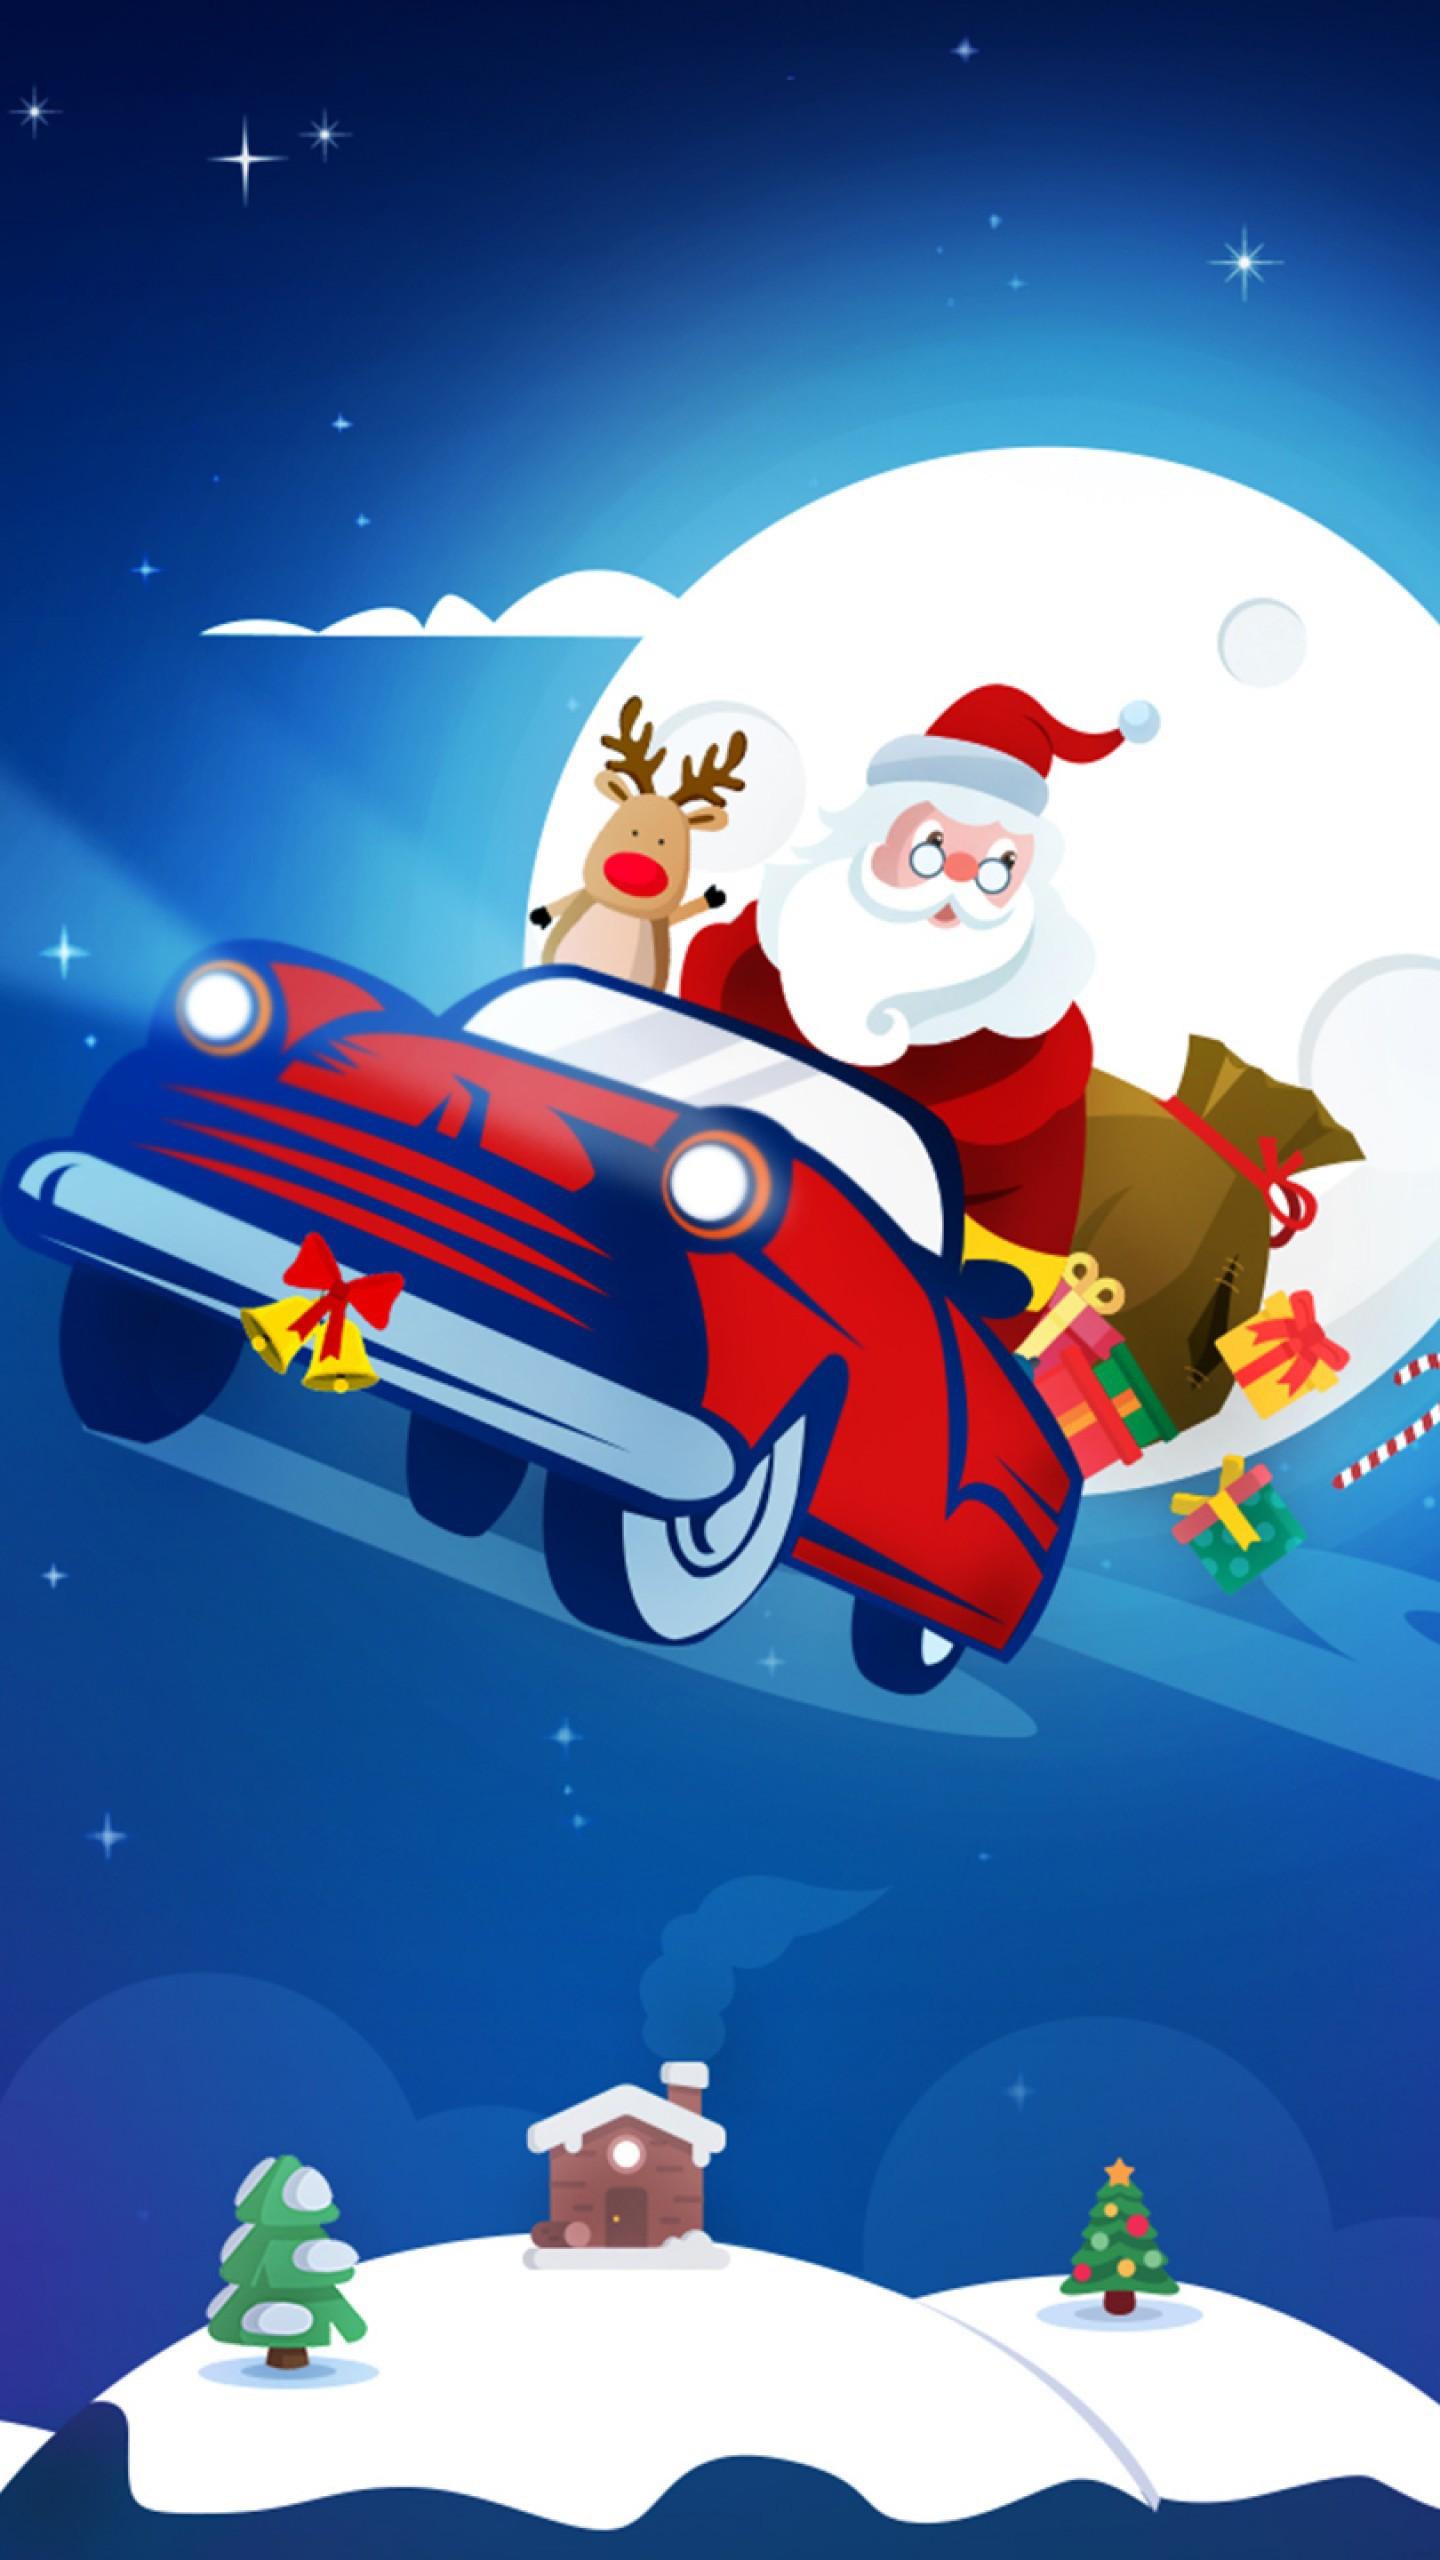 عکس زمینه ماشین بابانوئل به همراه هدیه های کریسمس پس زمینه